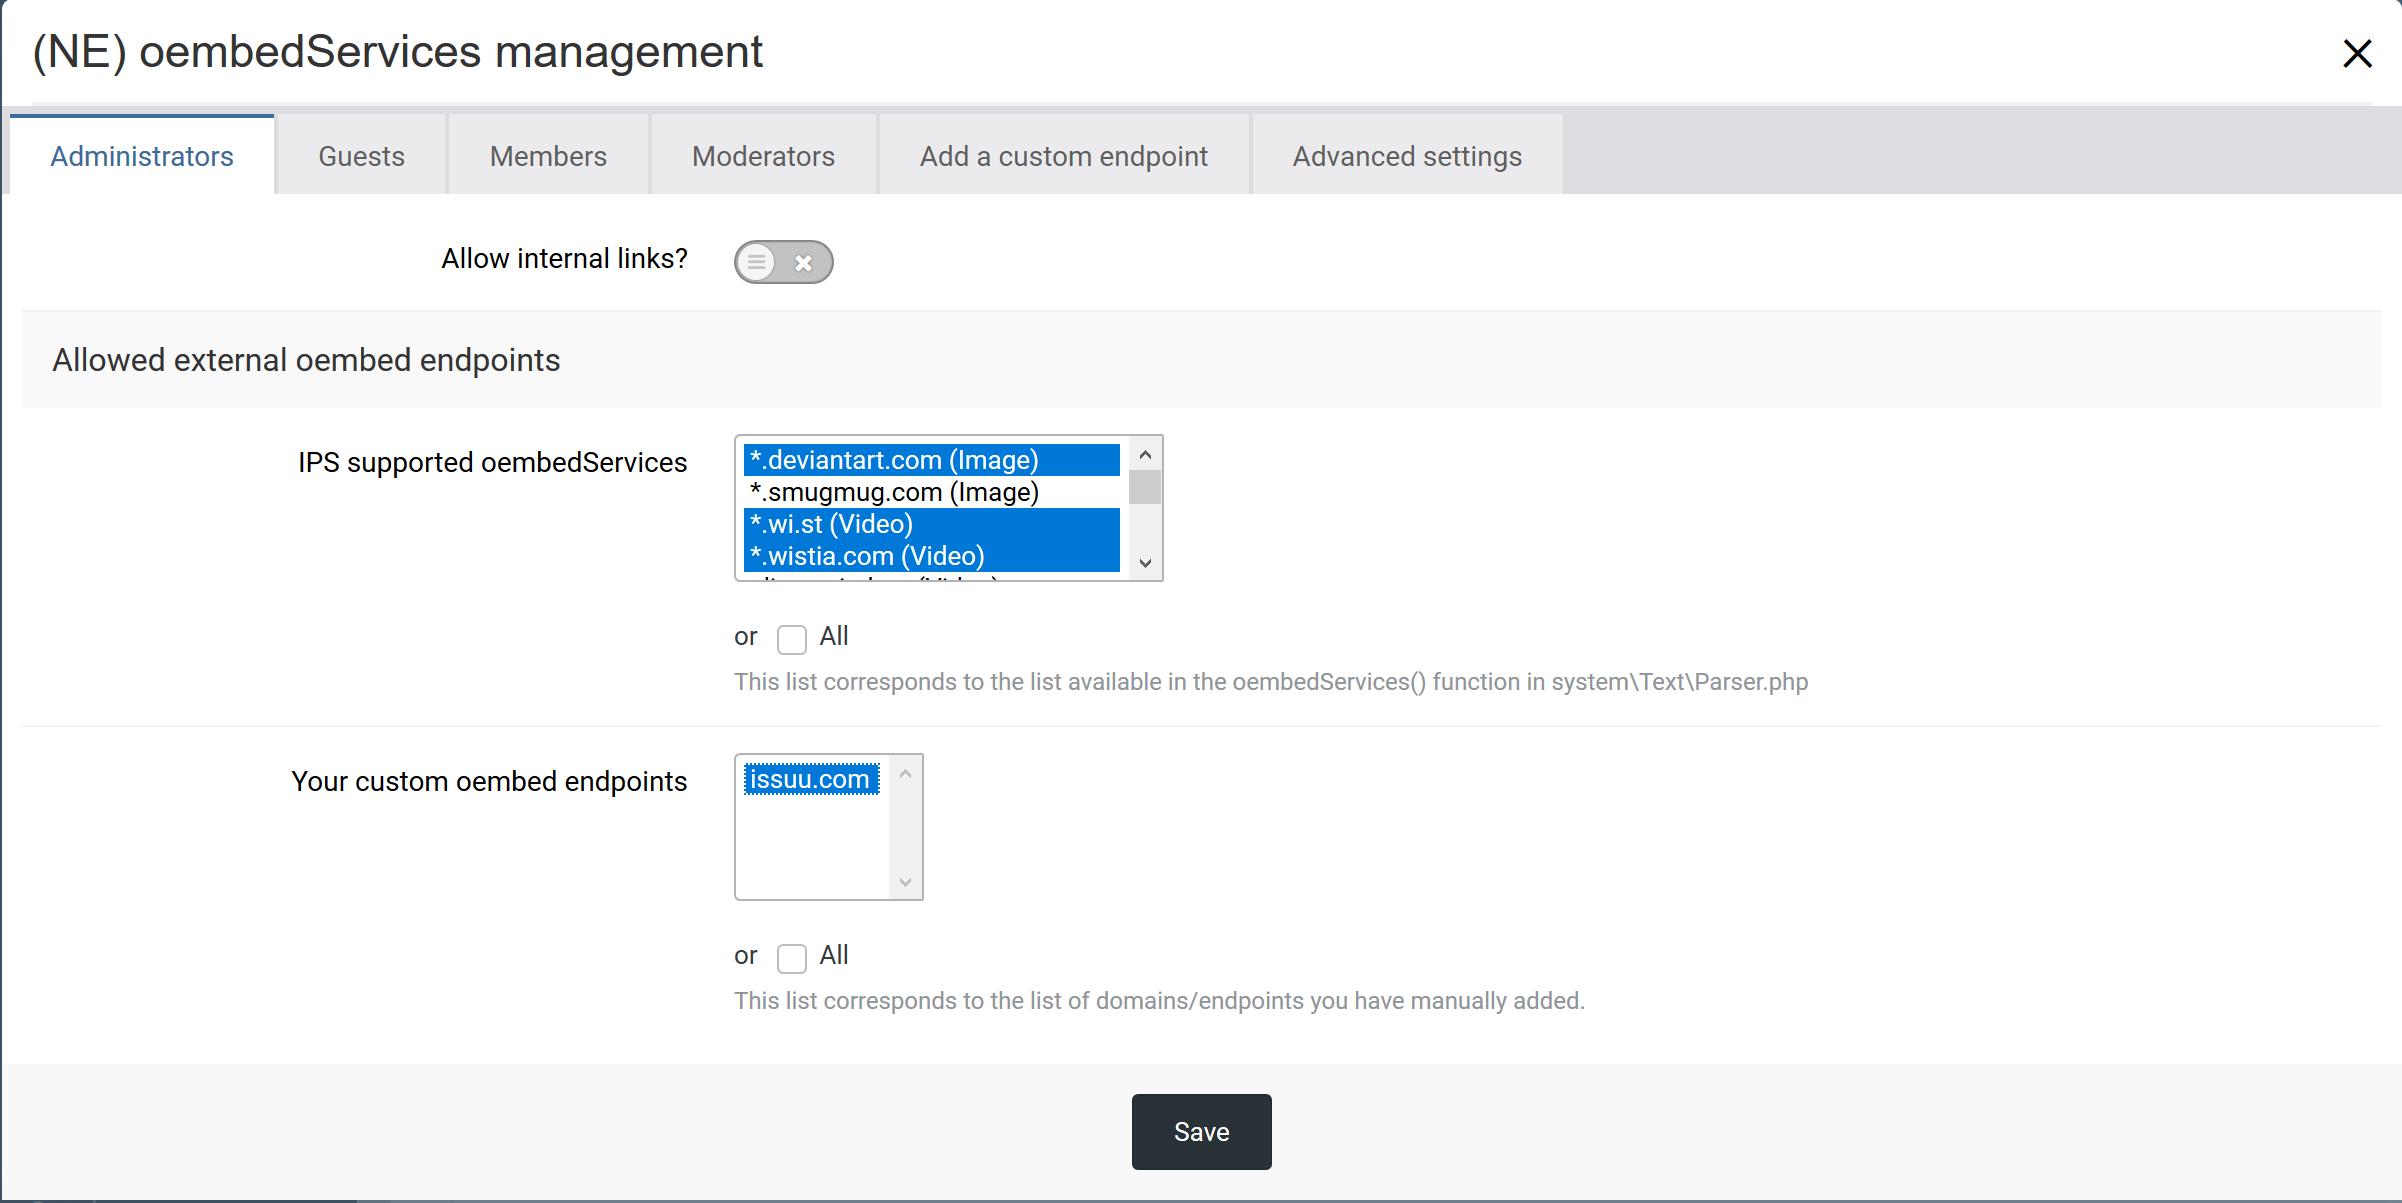 (NE) oembedServices management